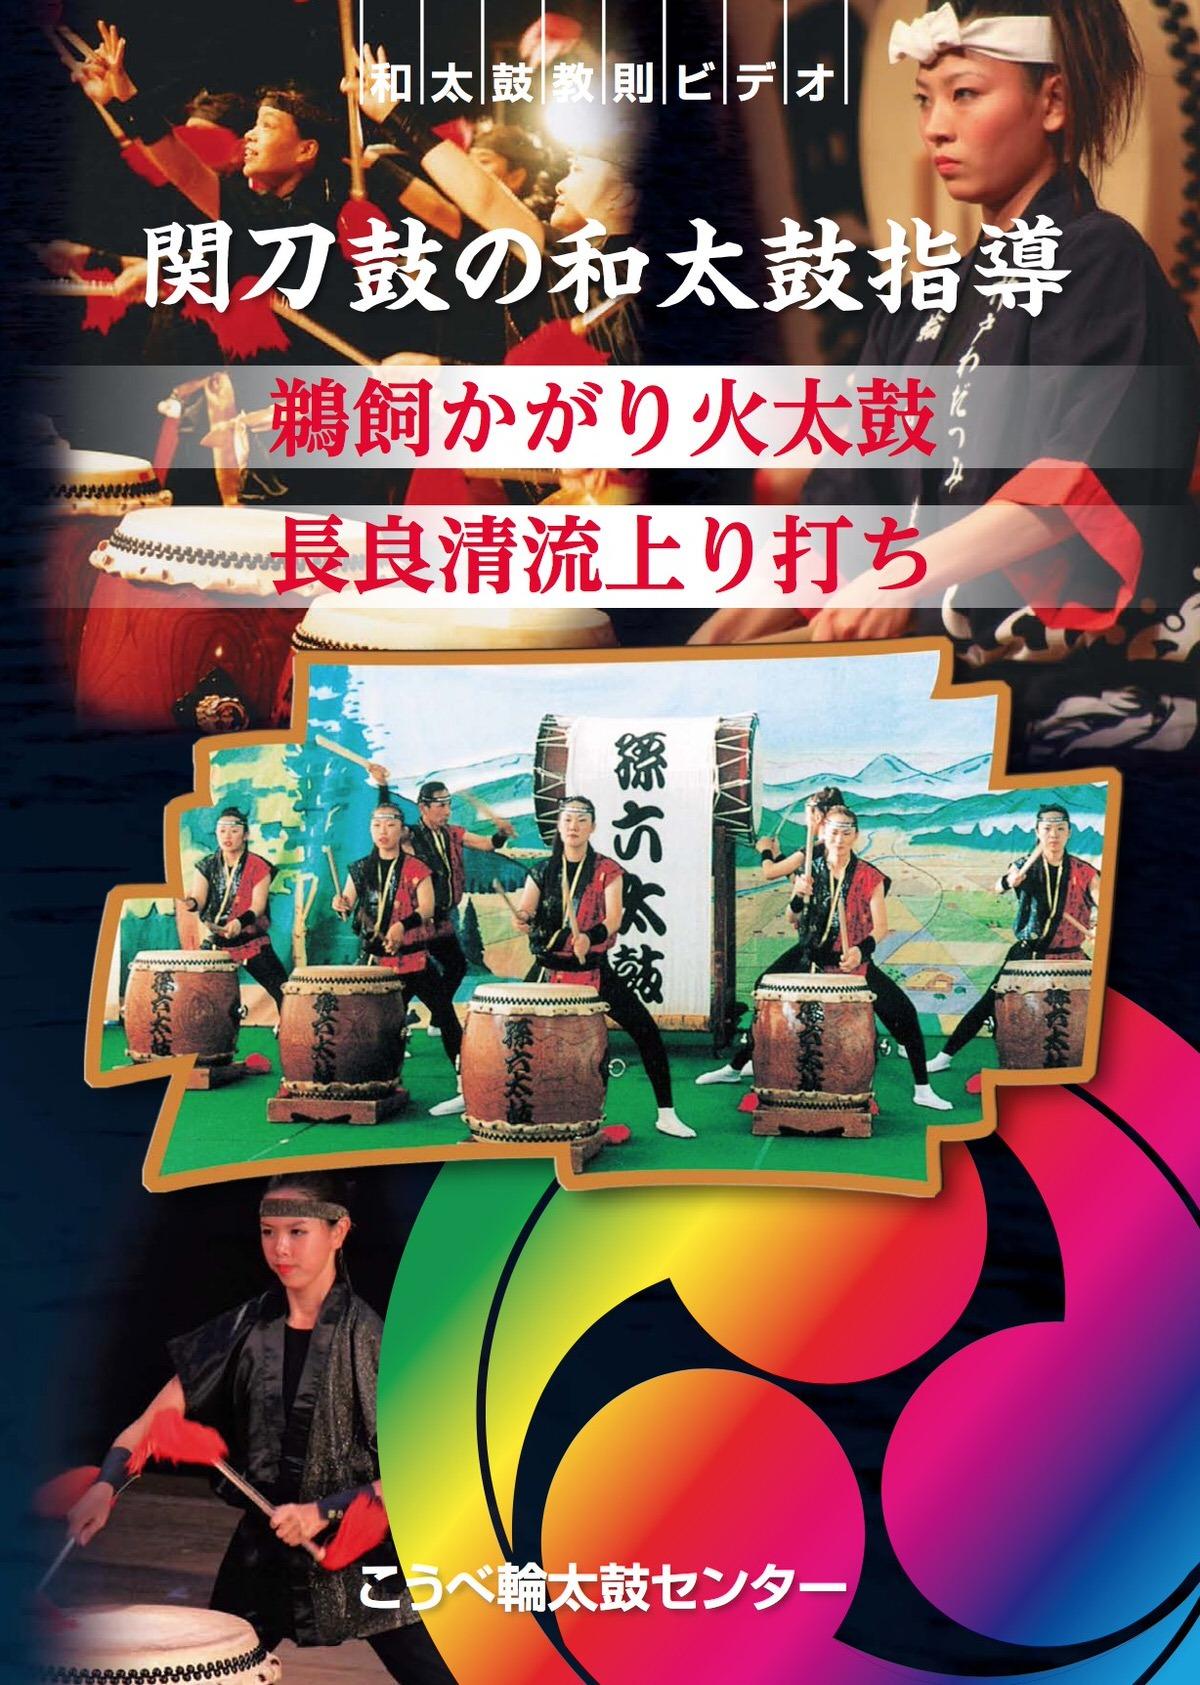 和太鼓教則ビデオ「関刀鼓の和太鼓指導」(DVD)